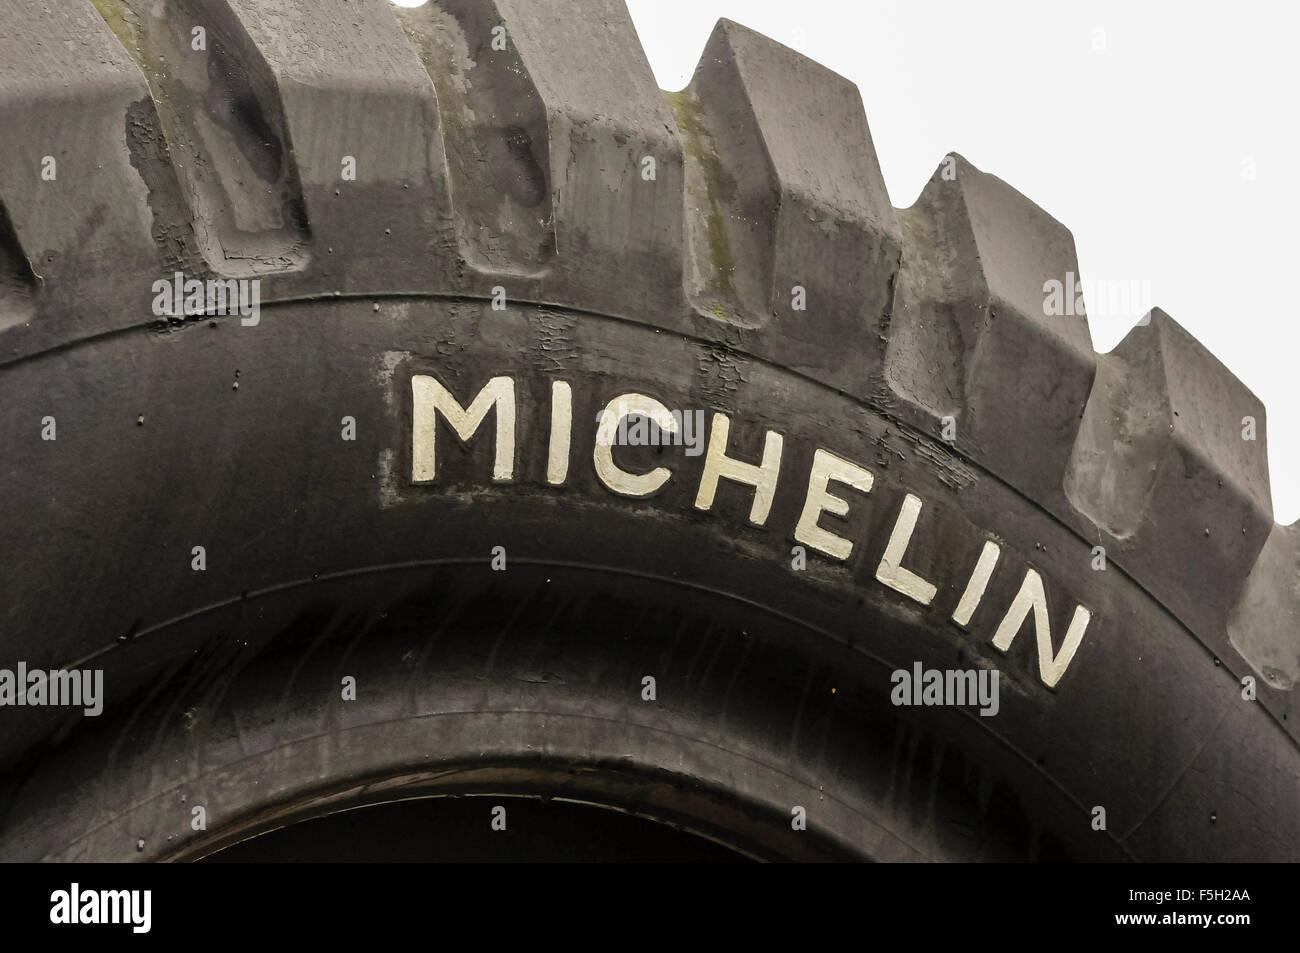 Grande carrello Michelin pneumatico con il nome del marchio sul lato Immagini Stock